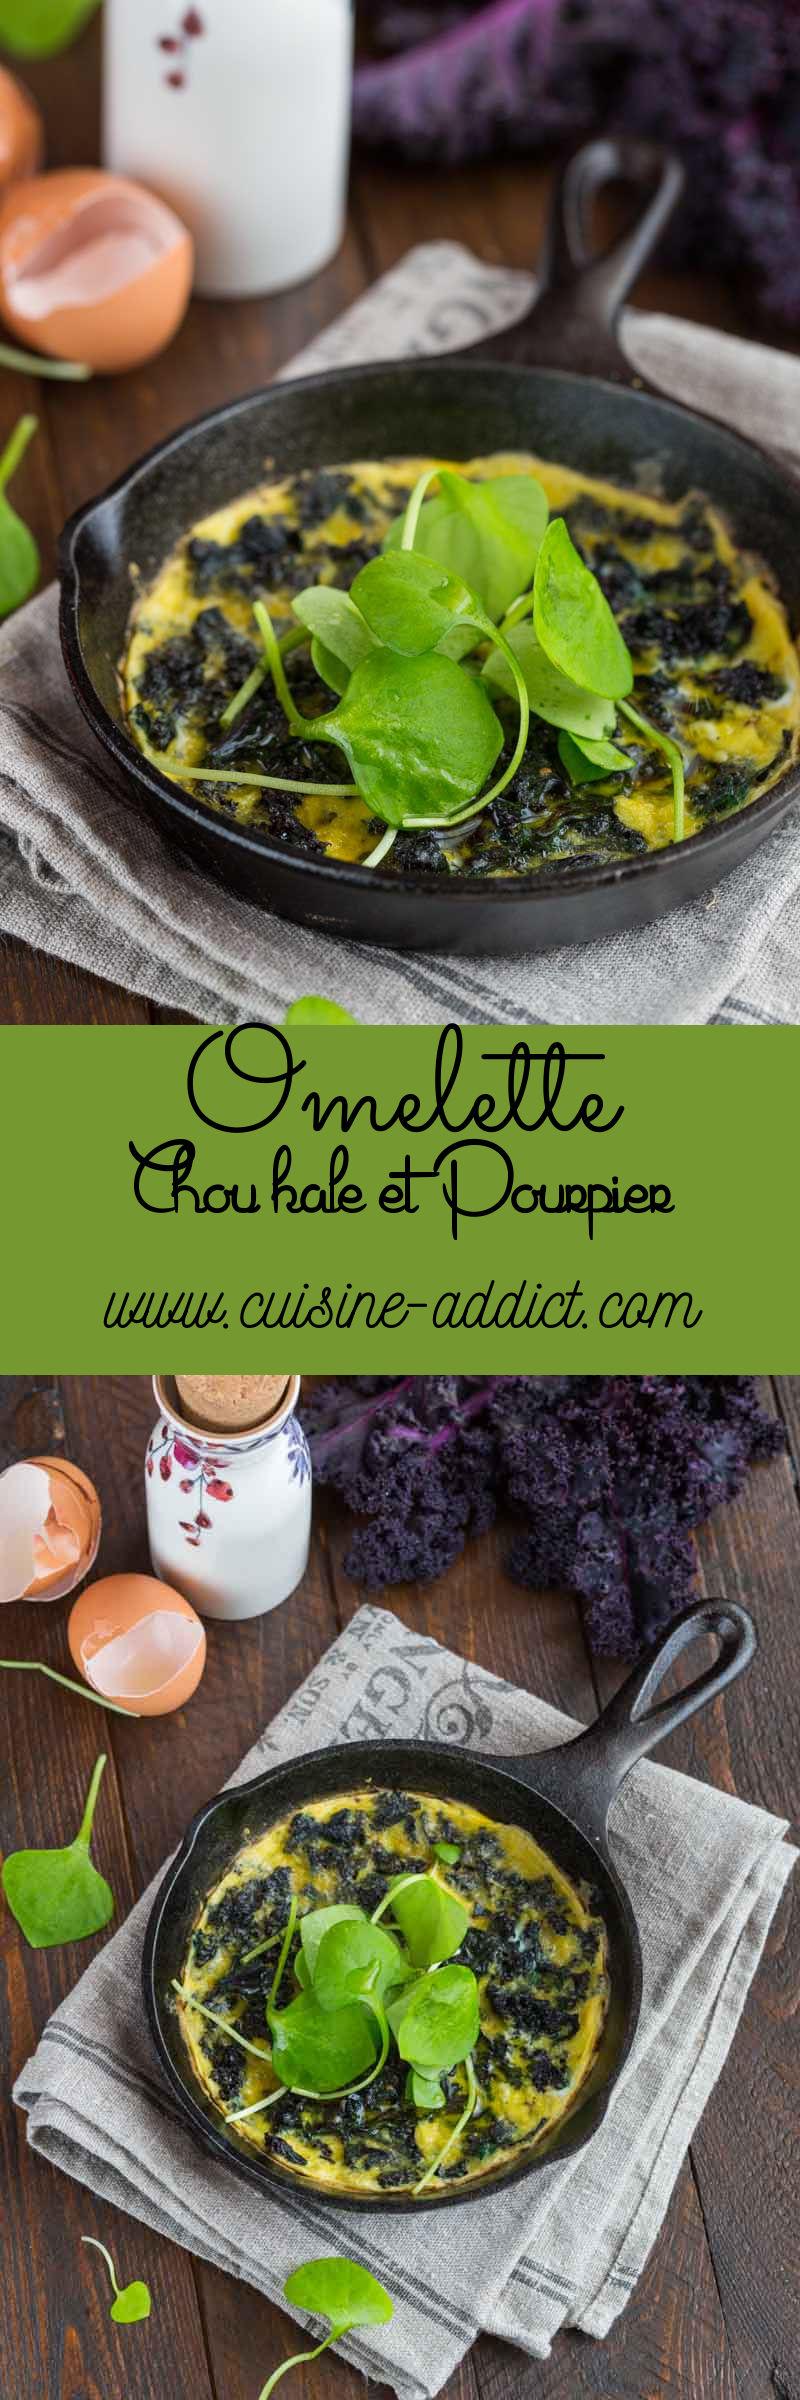 Omelette au chou kale et pourpier